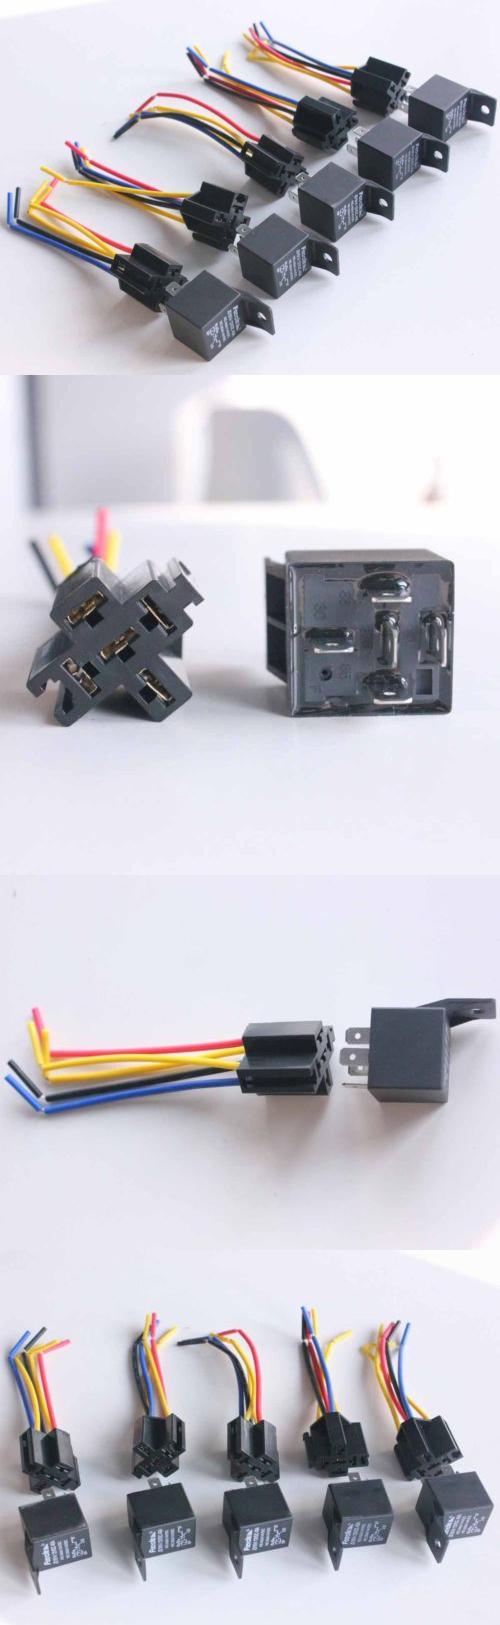 Relays And Sensors 5pcs 12v Volt Spdt Relay Wire Socket Car 5a Automotive Alarm 40